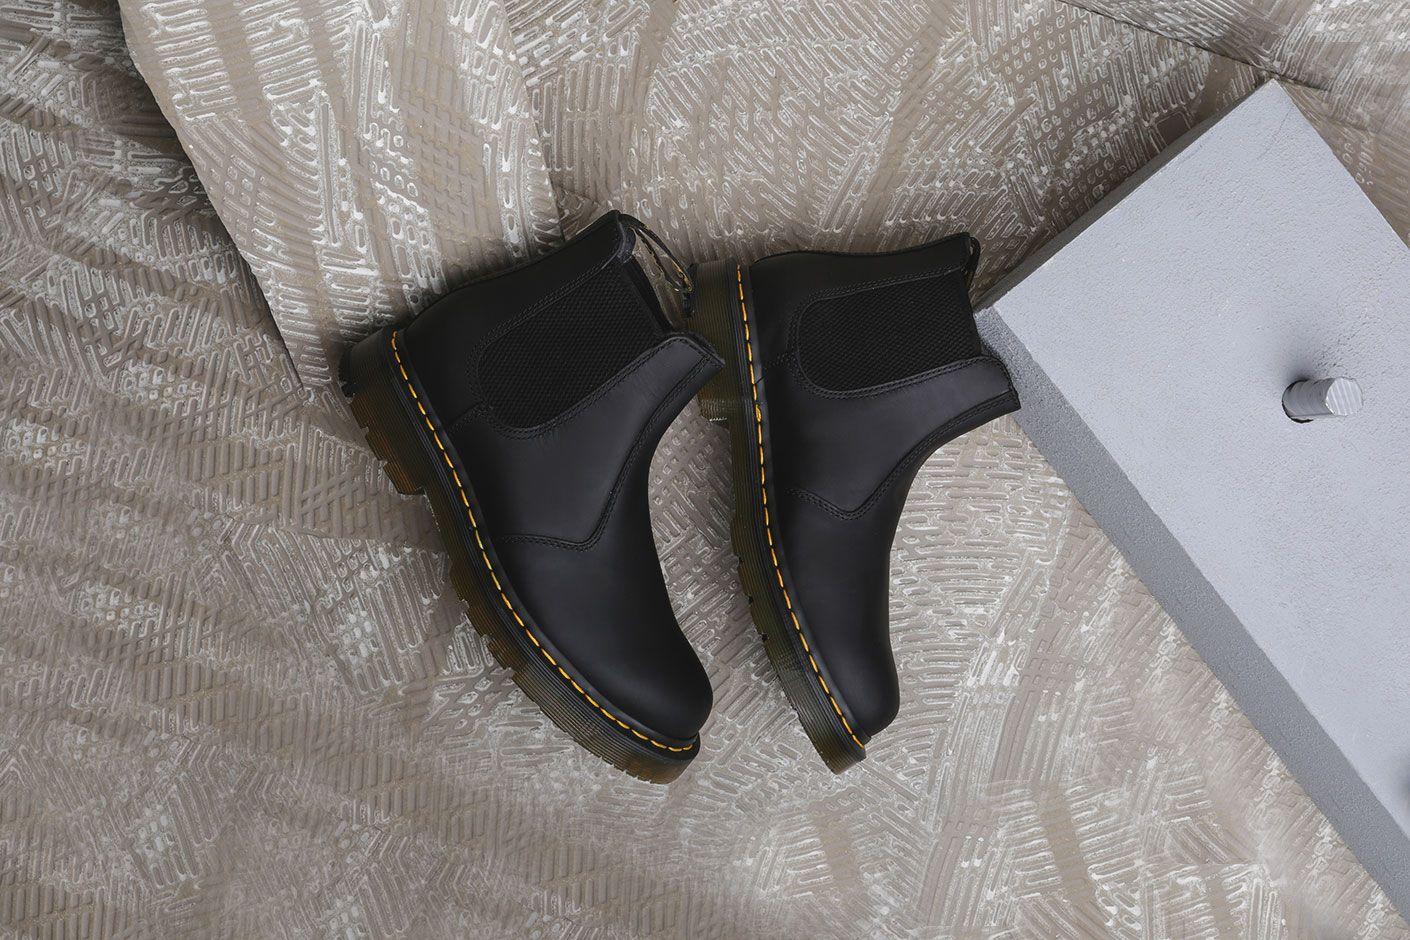 мужские Ботинки Dr. Martens Wintergrip - фото 1 | Обувь в ...